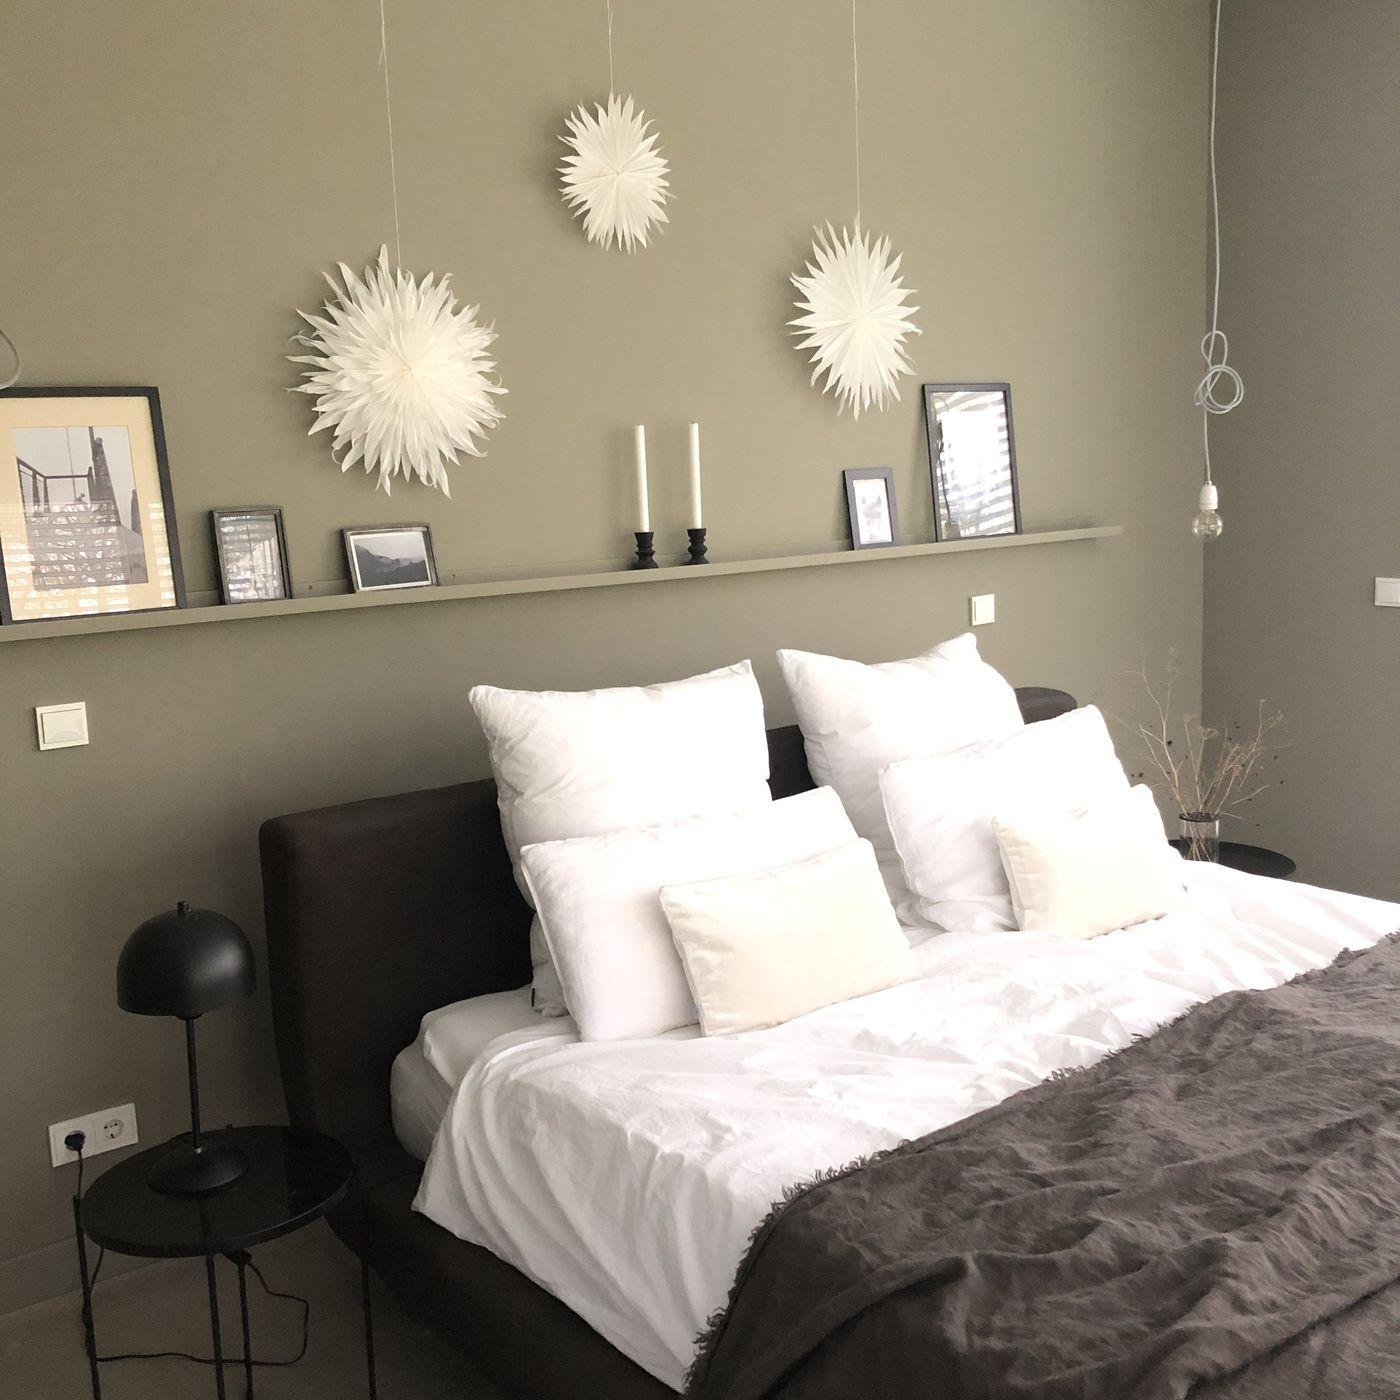 Schlafzimmer: Ideen zum Einrichten & Gestalten - Seite 237